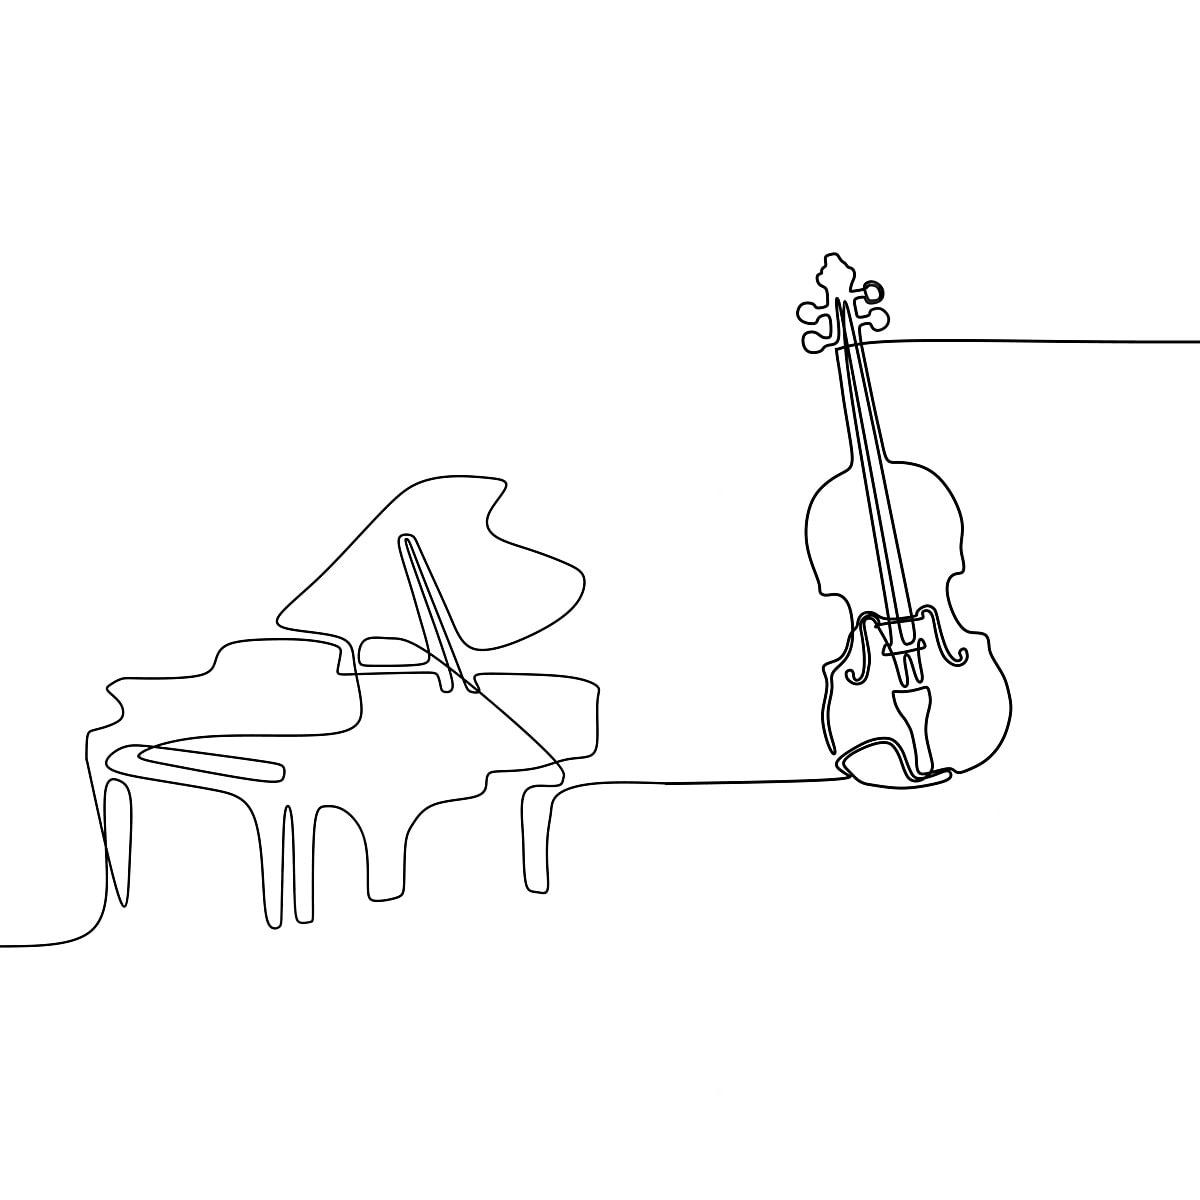 Violino E Piano Uma Linha De Desenho Animado Ilustracao De